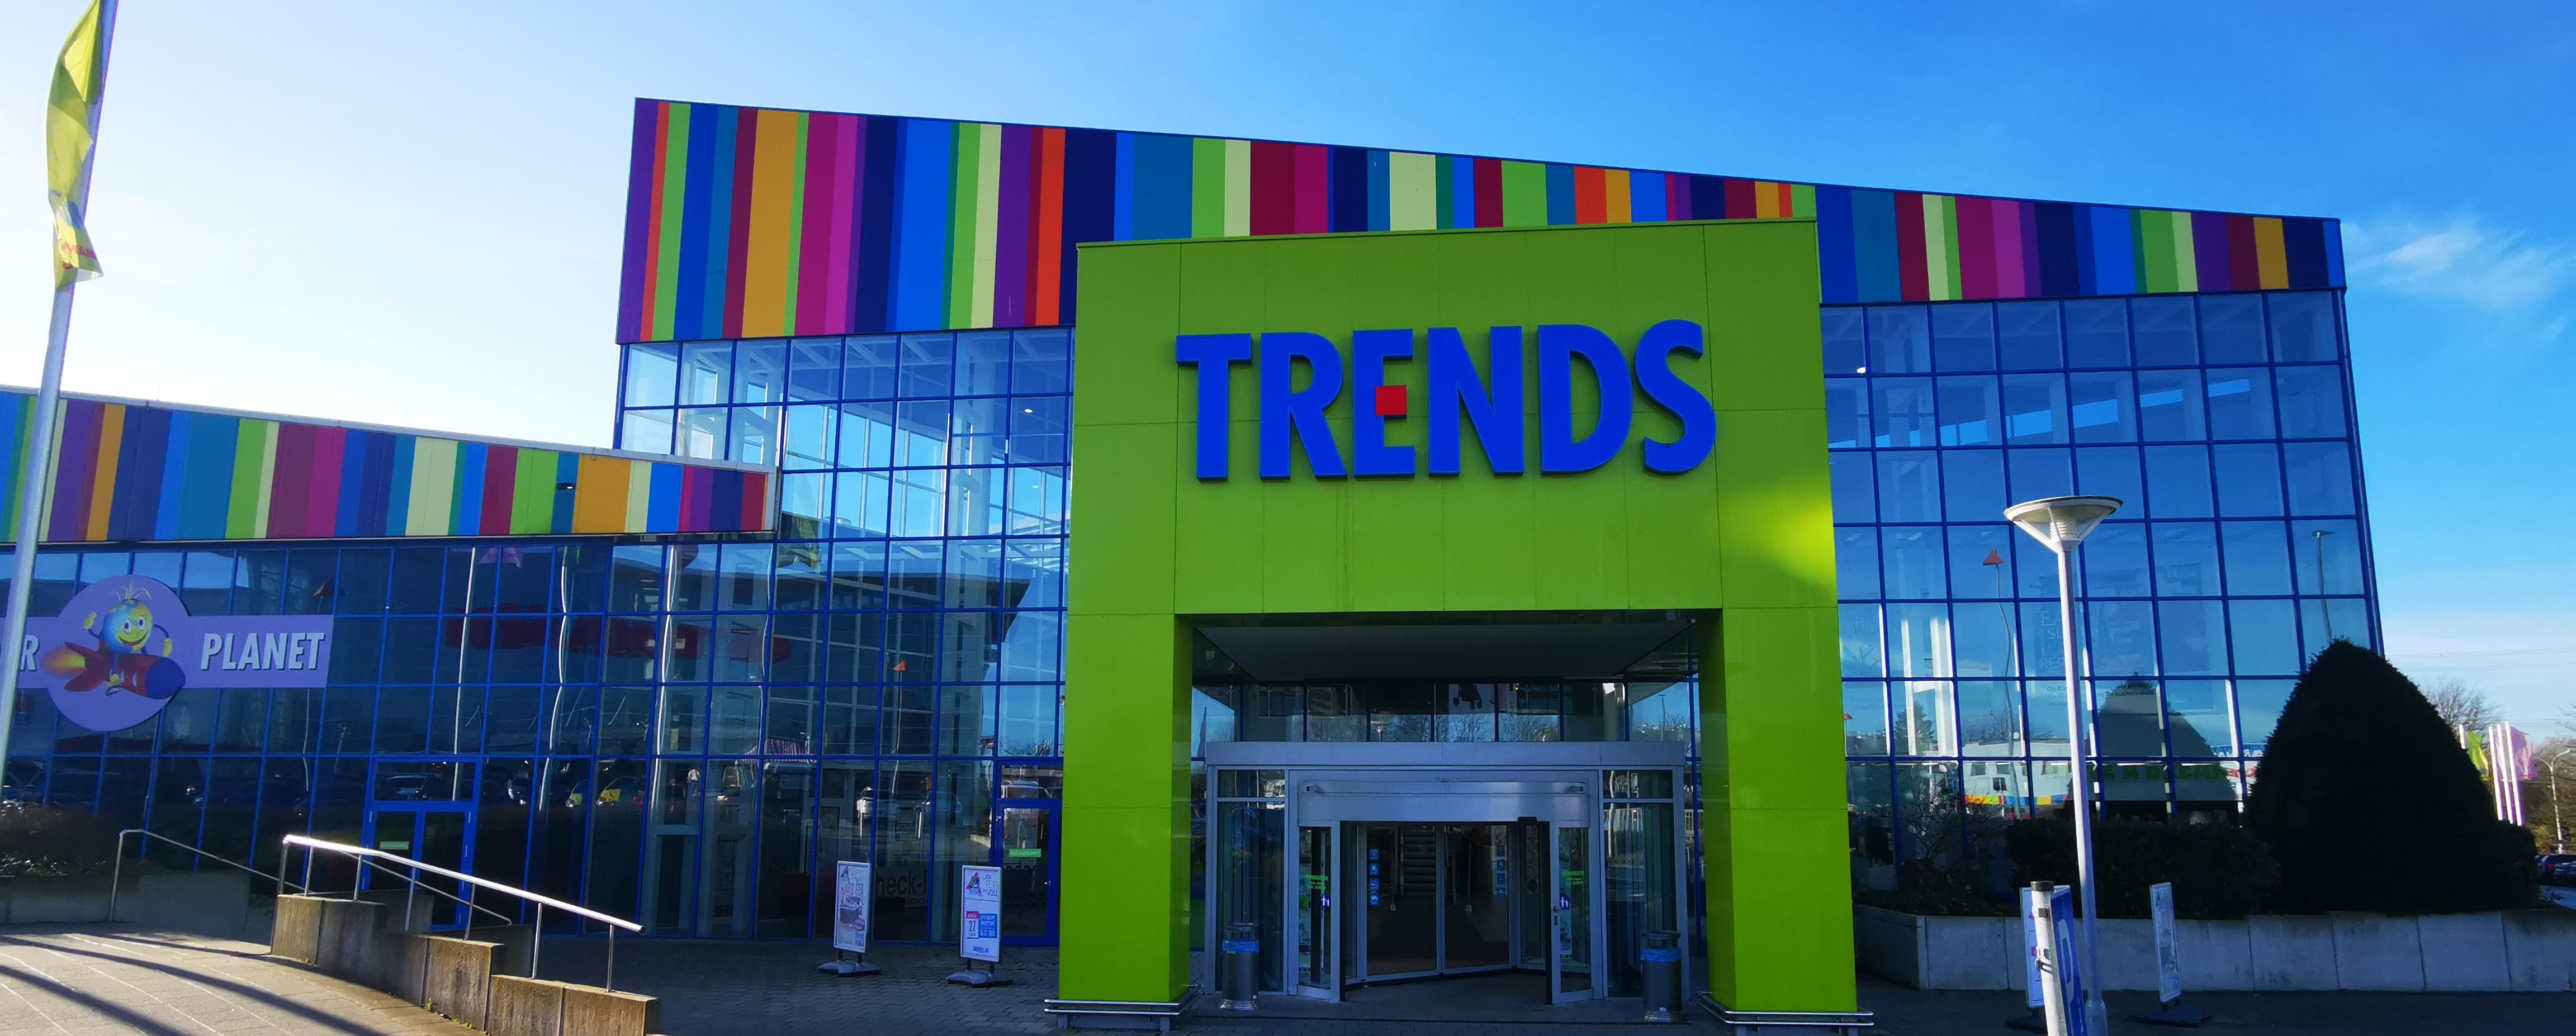 Trends-Haan-Titelbild